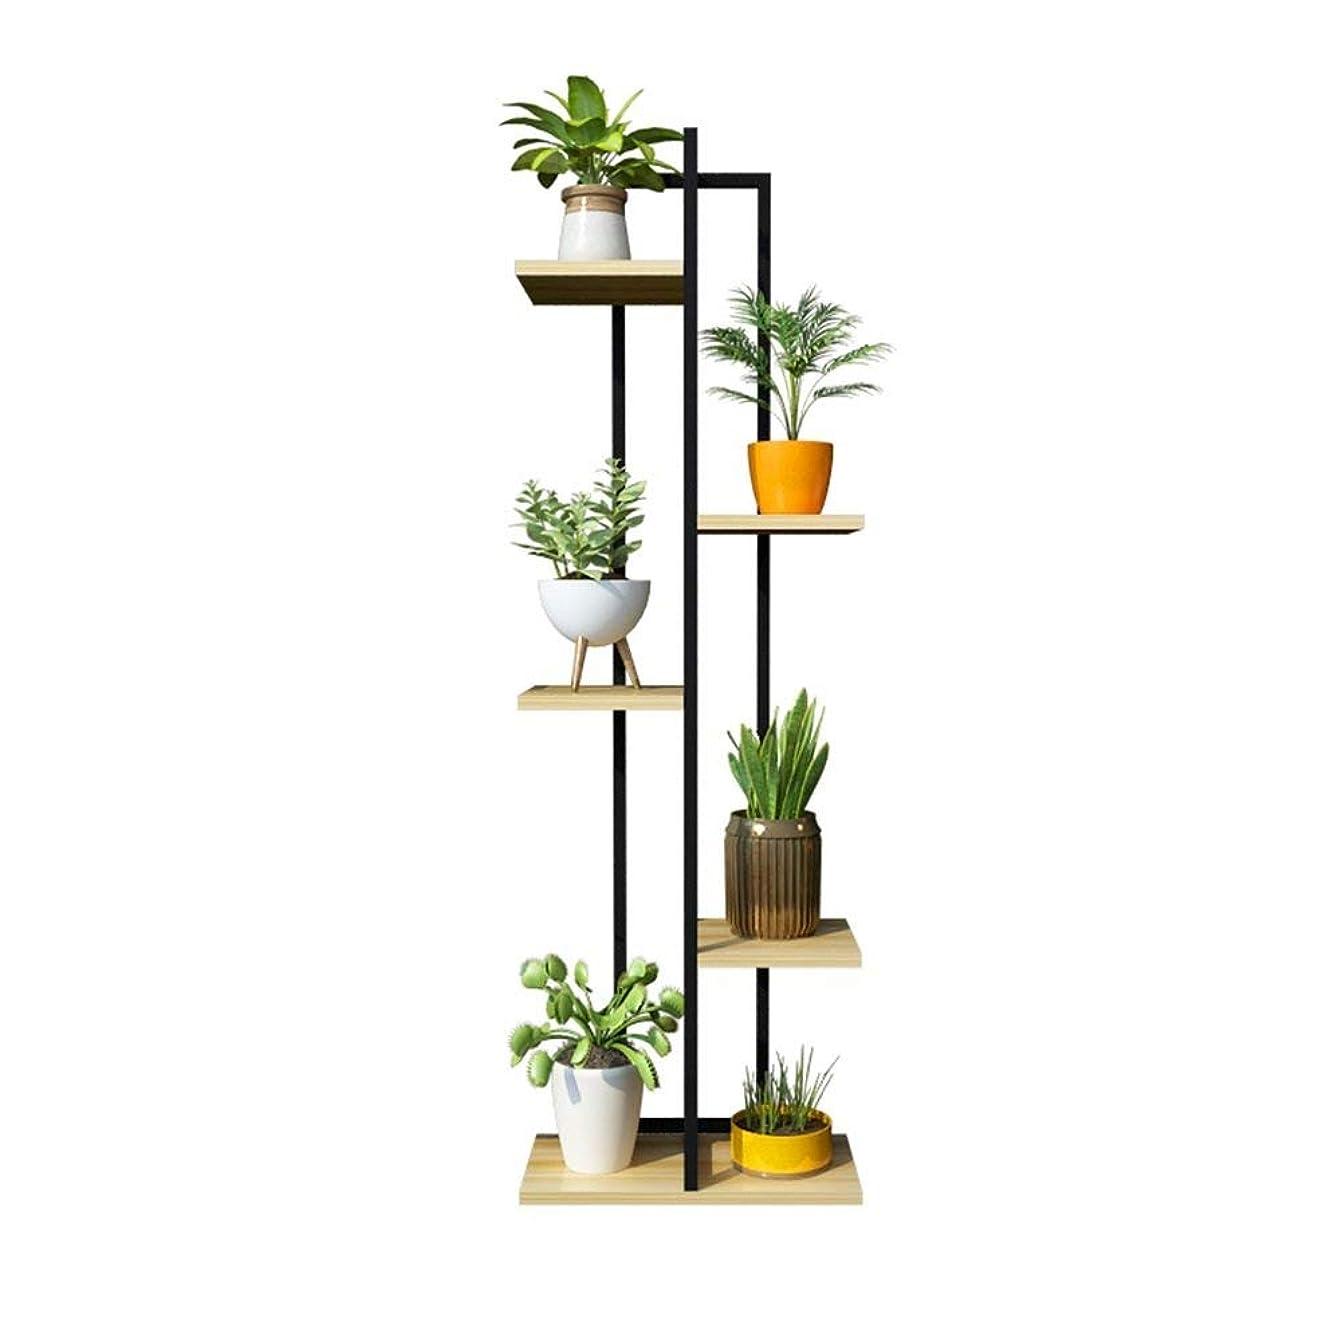 無駄に略すキャンバス植物スタンド、フラワースタンド5層アイアンフラワースタンド/フラワーラック、多機能メタルブラックスタンディングラック盆栽ディスプレイスタンド(#1)